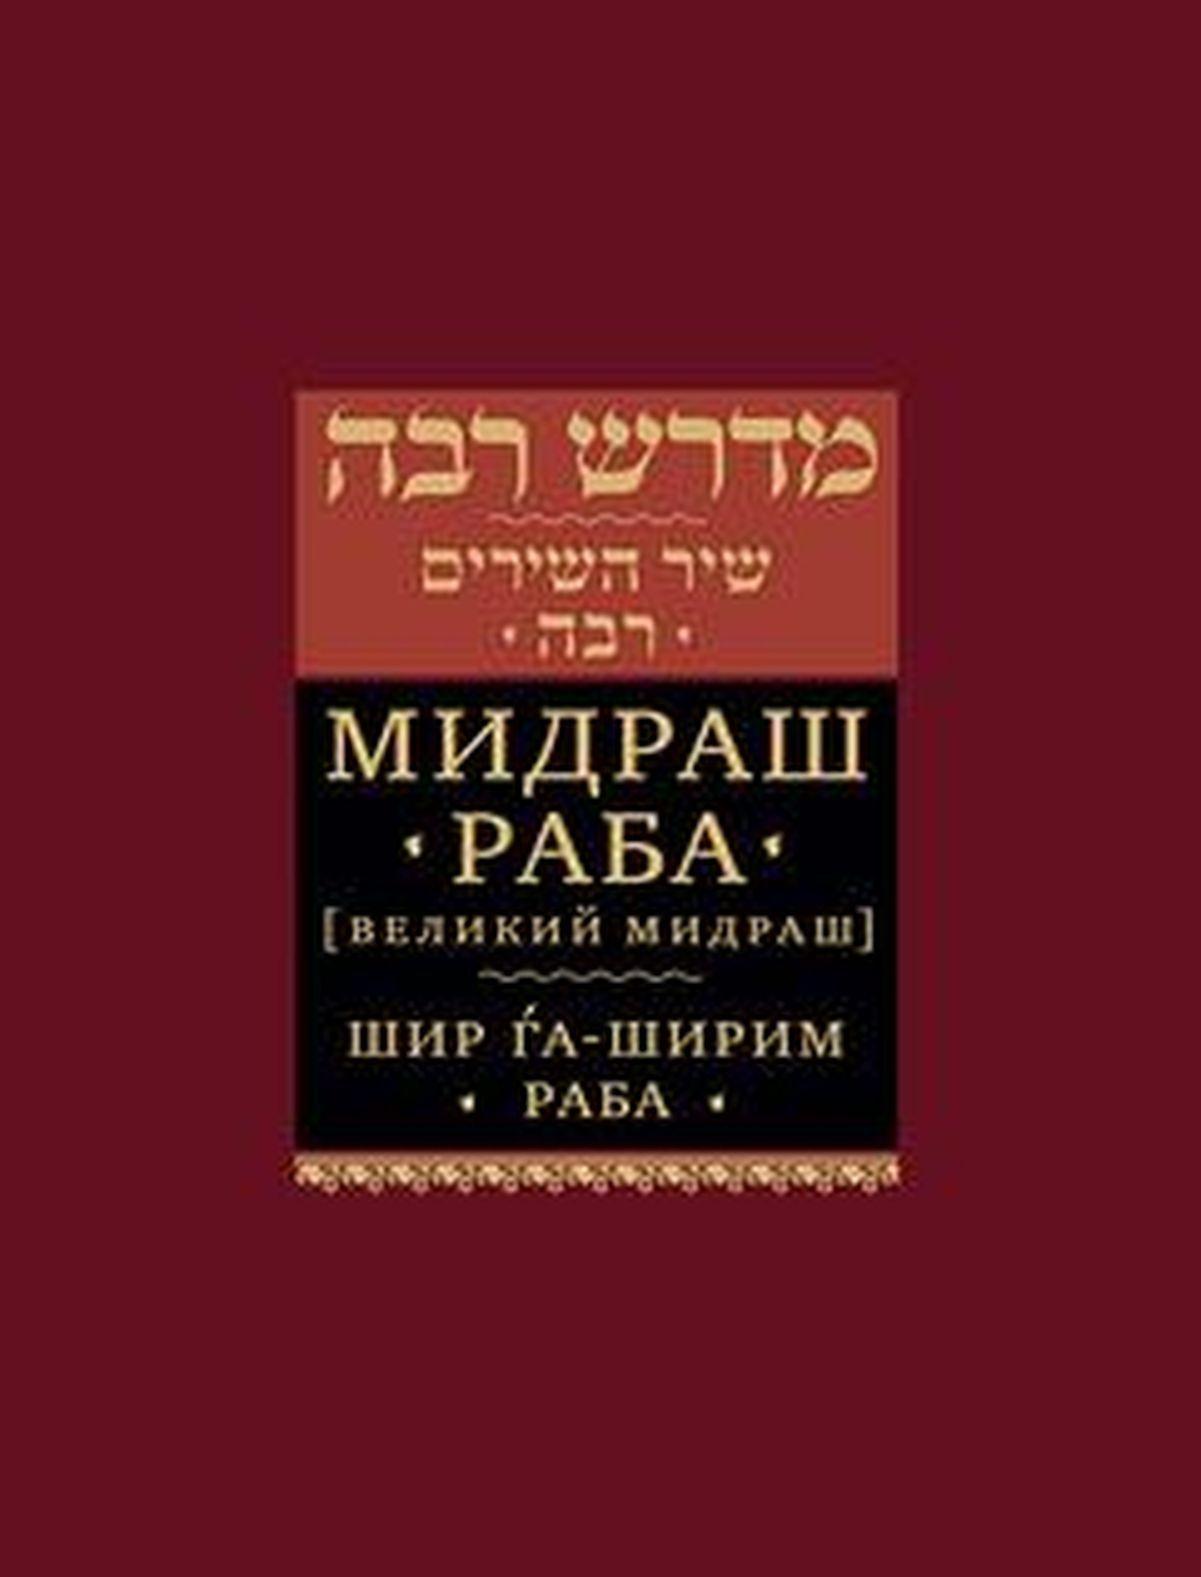 Shir Ga-Shirim Raba